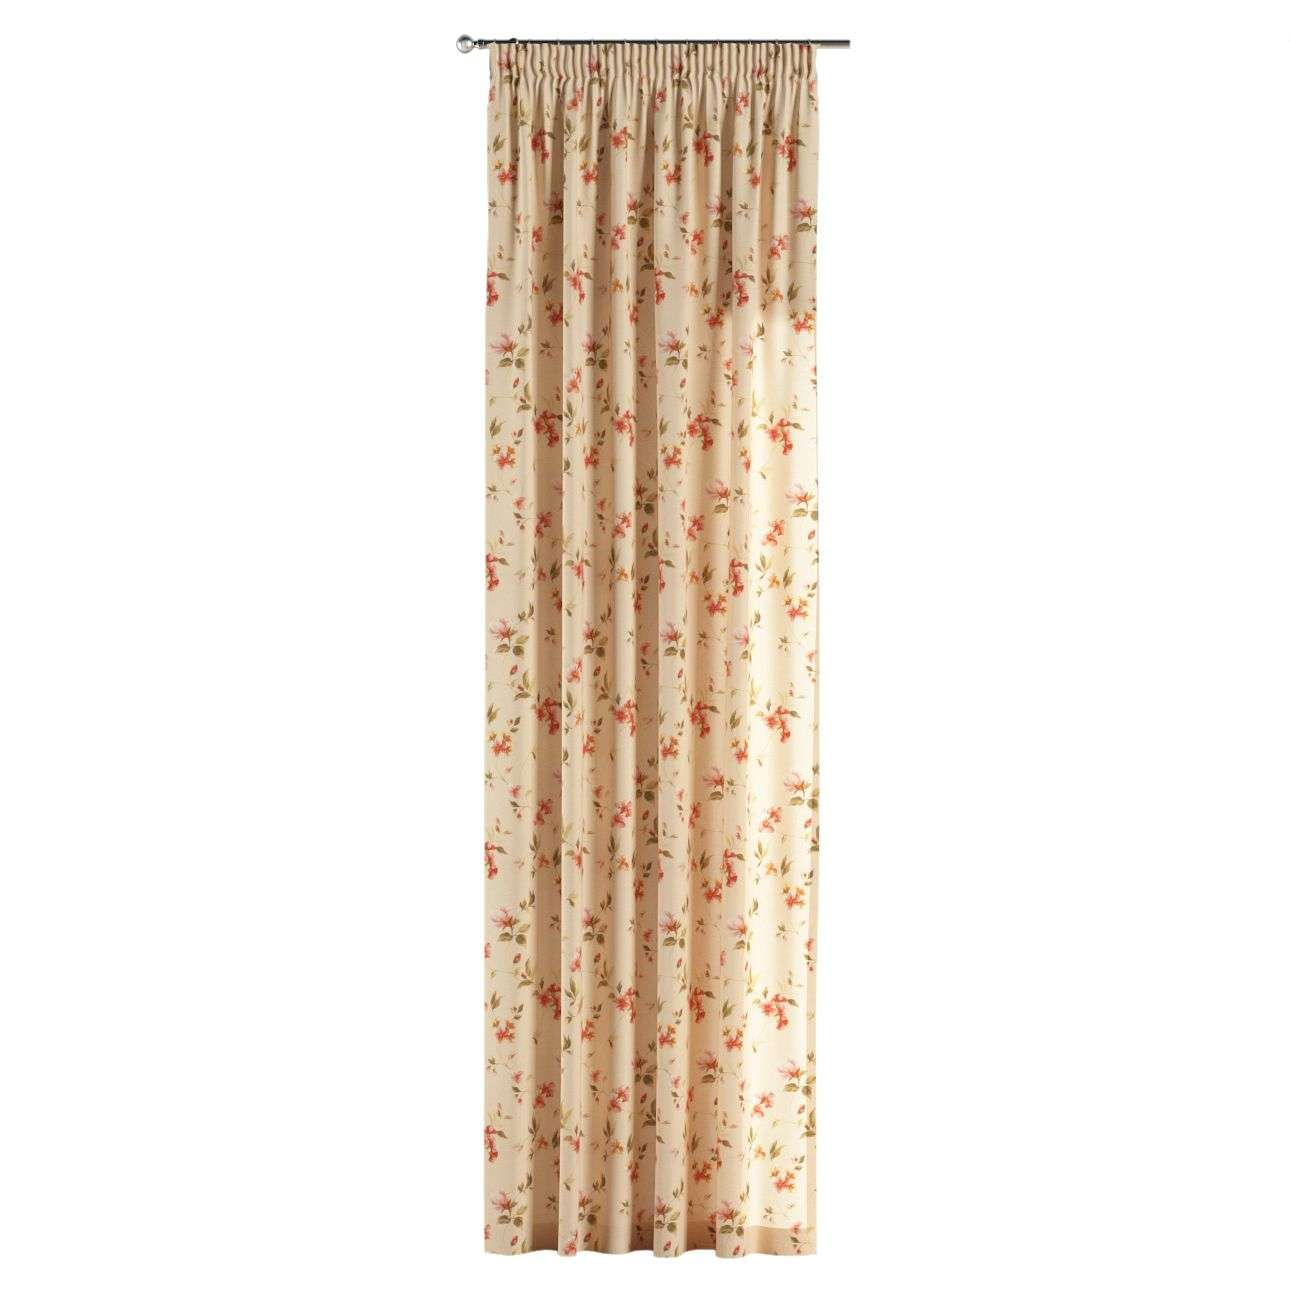 Gardin med rynkband 1 längd 130 x 260 cm i kollektionen Londres, Tyg: 124-05